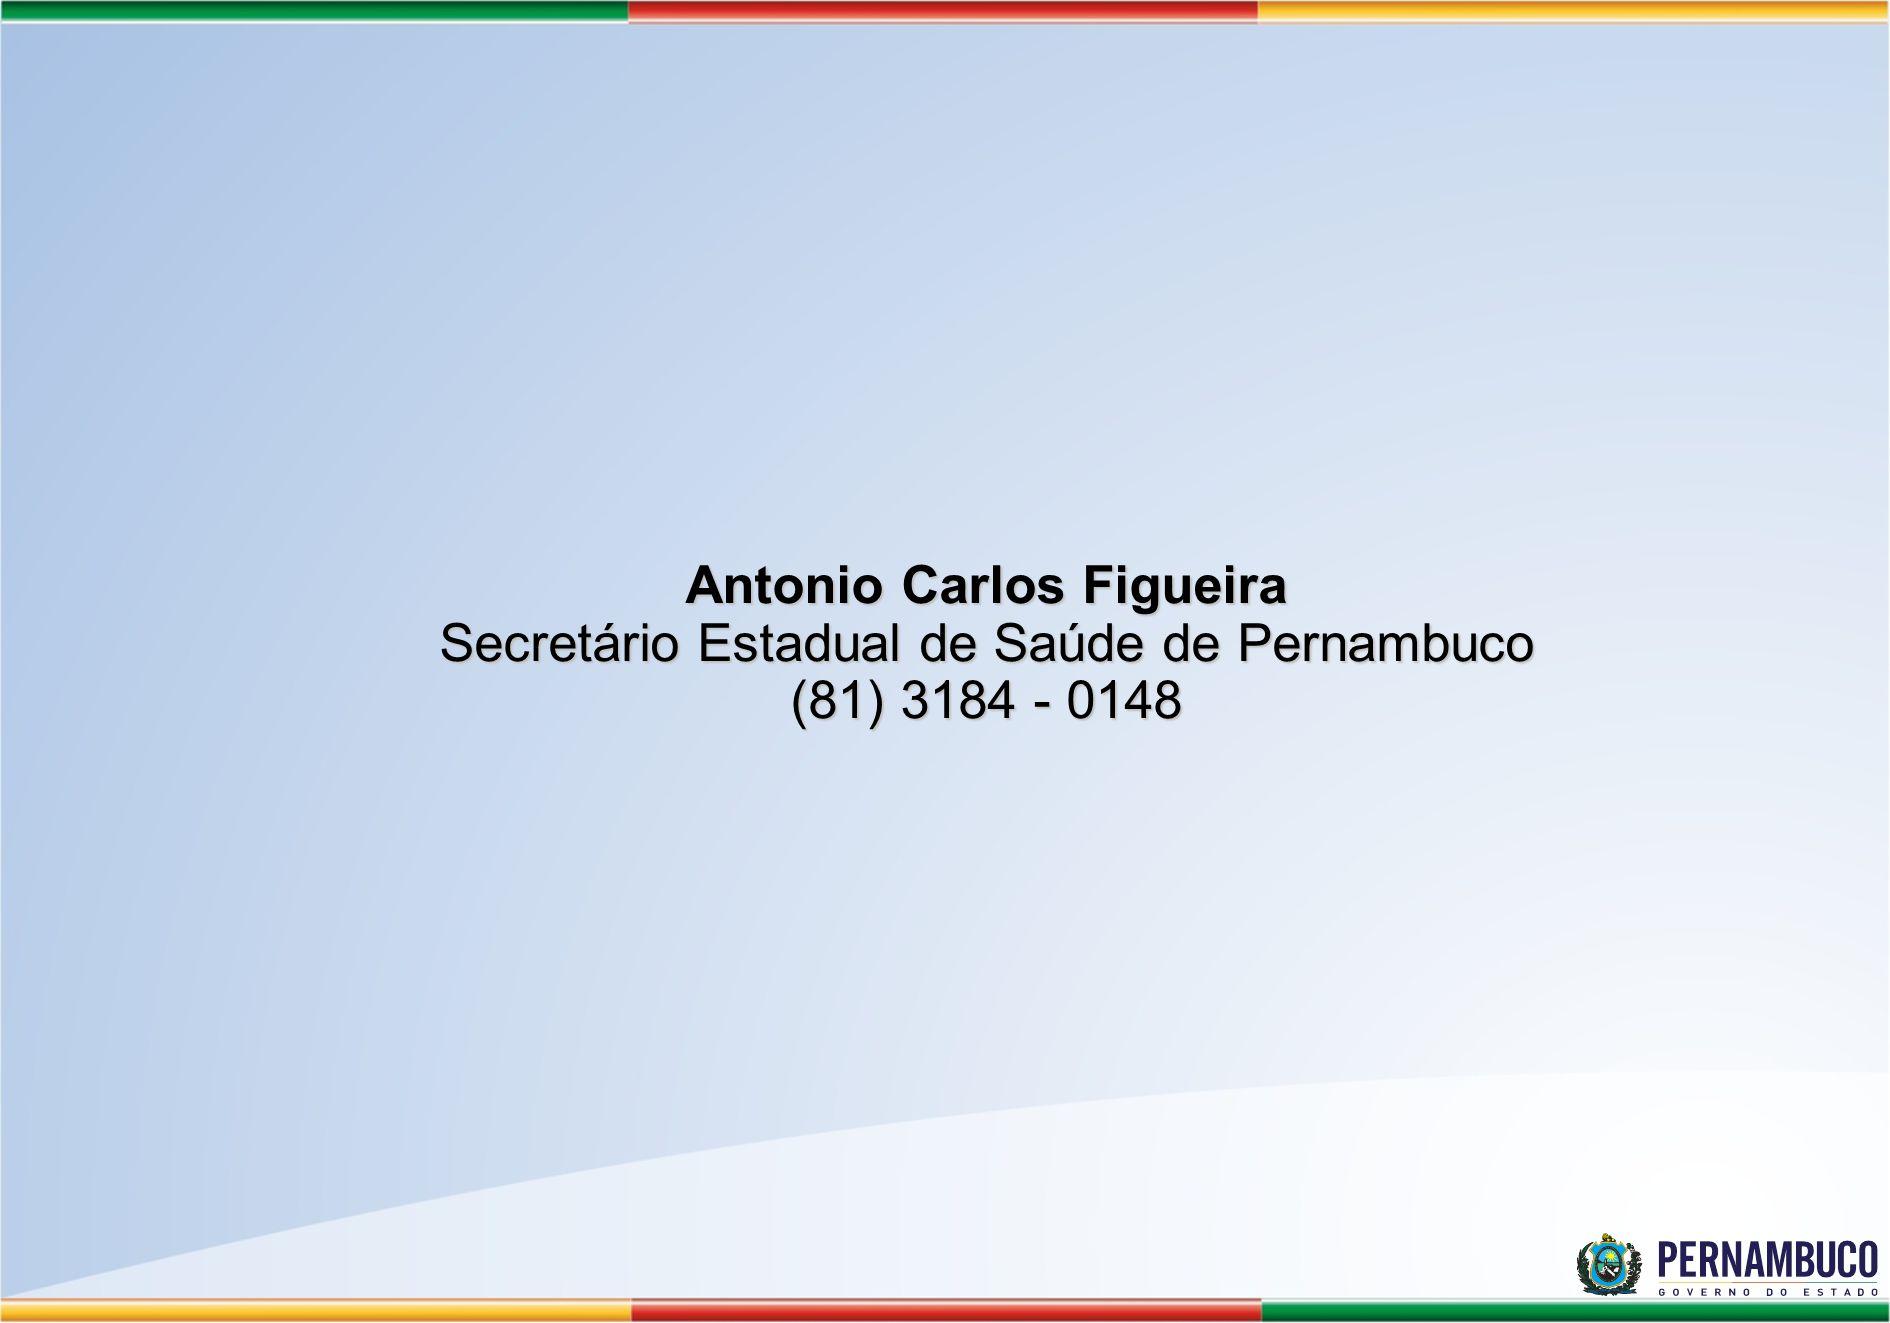 Antonio Carlos Figueira Secretário Estadual de Saúde de Pernambuco (81) 3184 - 0148